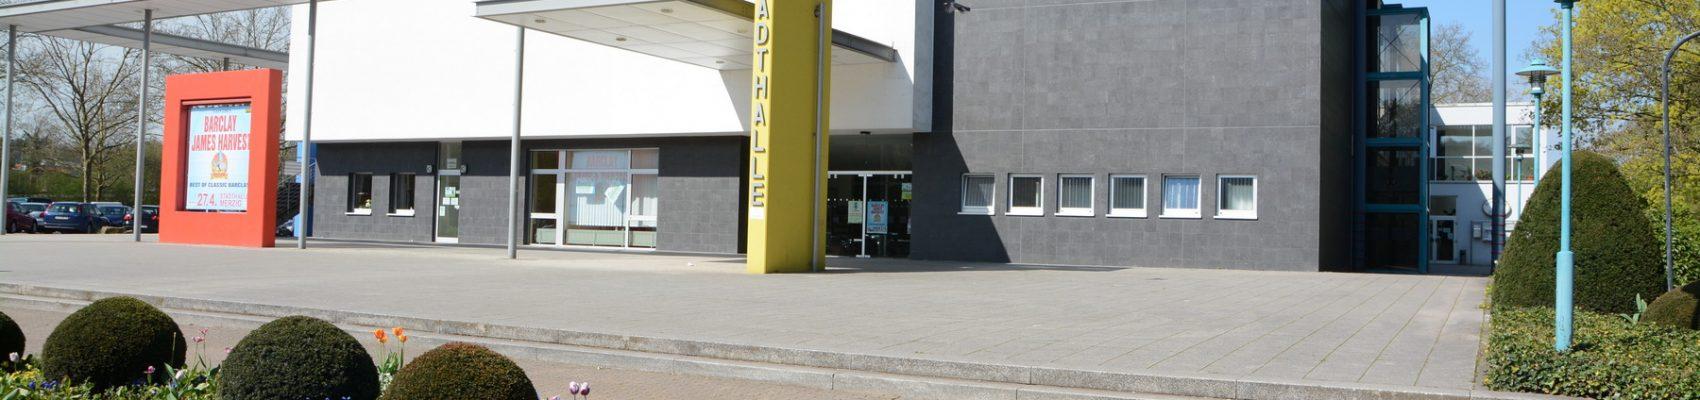 Frontansicht der Stadthalle